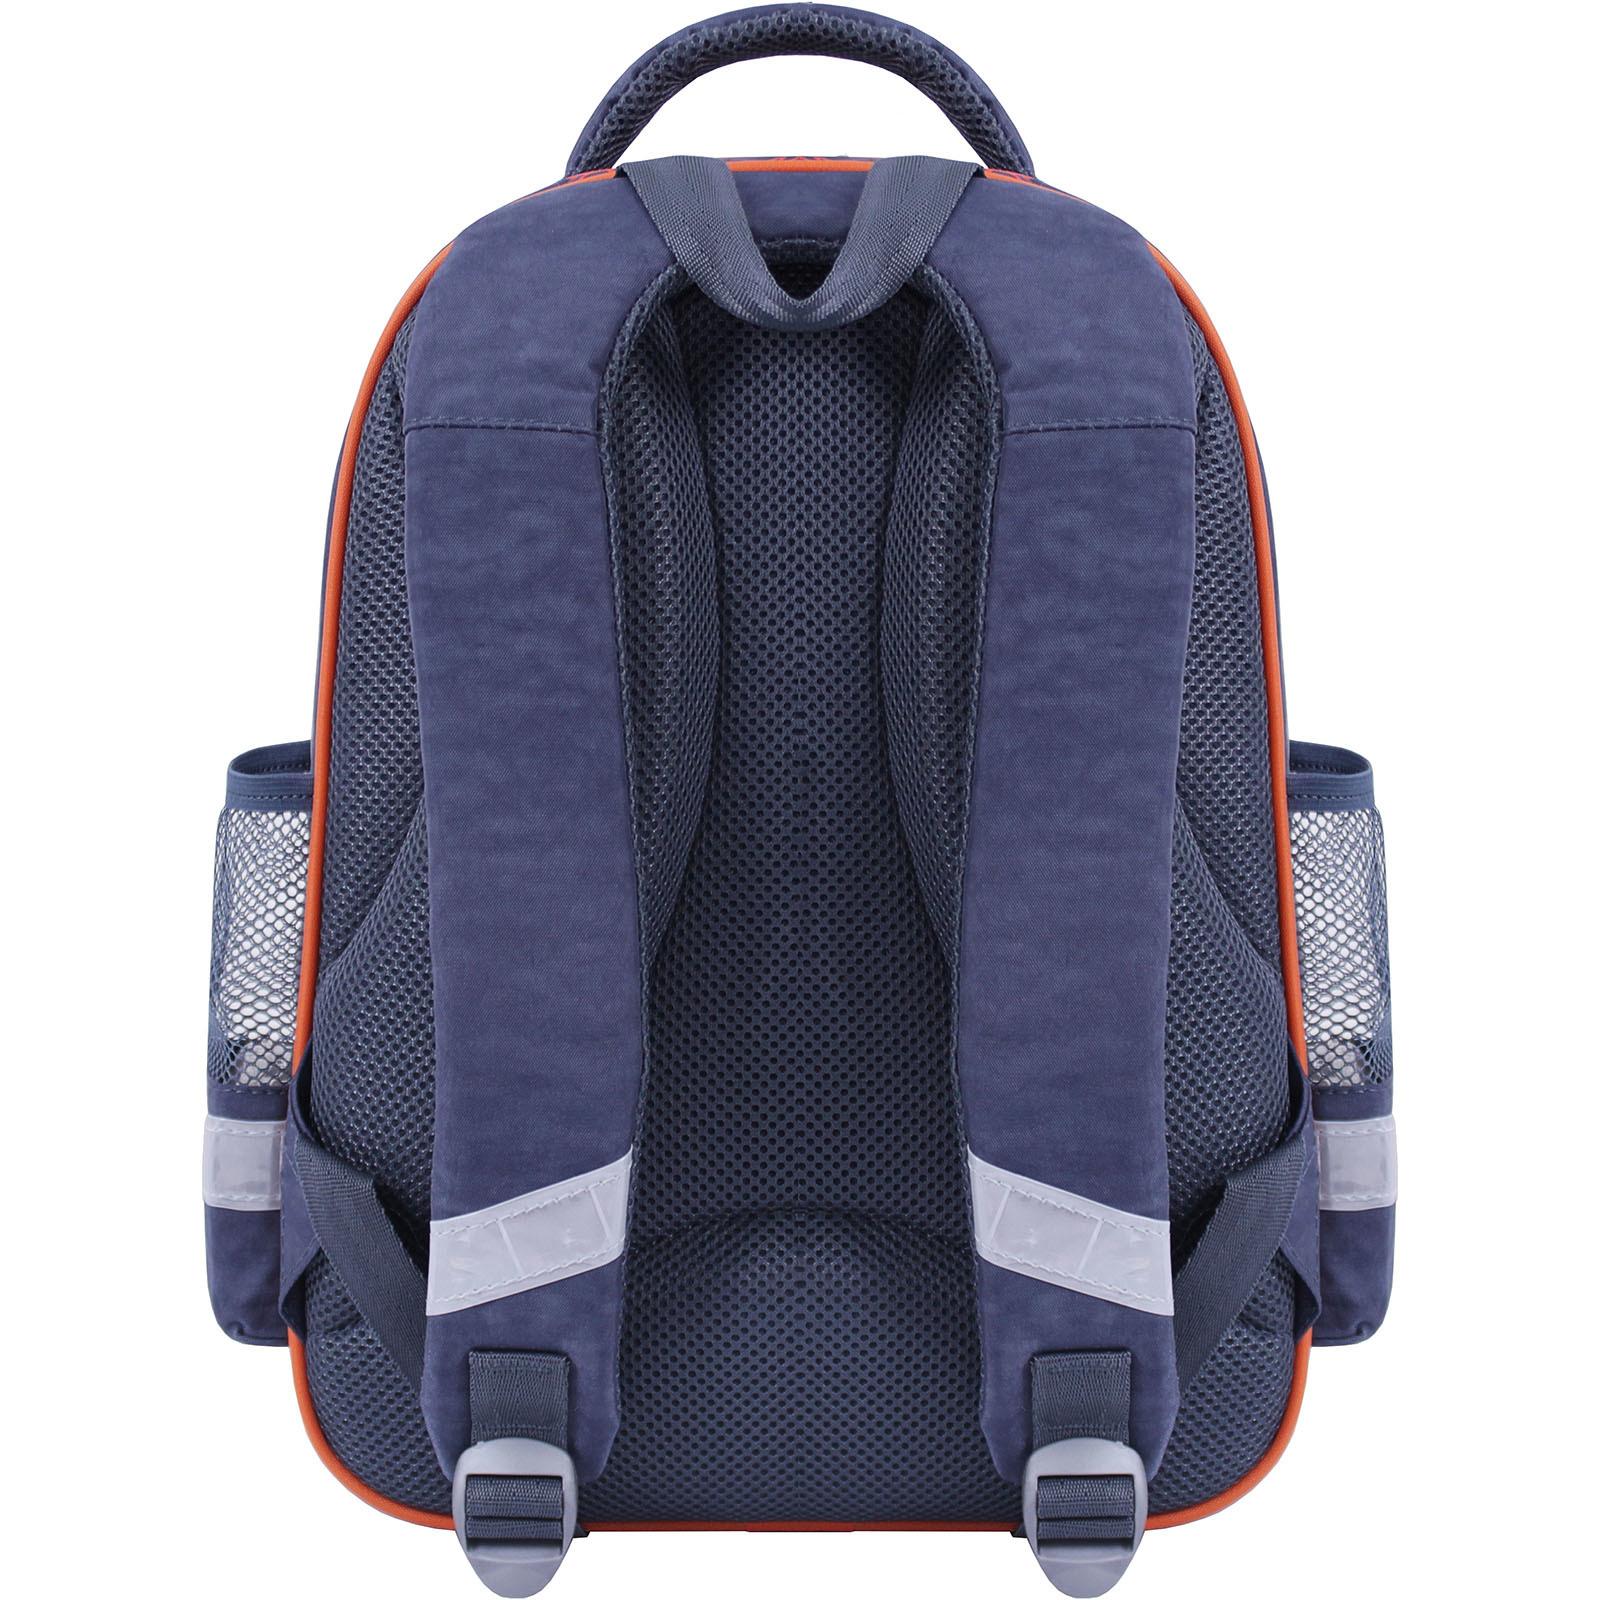 Рюкзак школьный Bagland Mouse 321 серый 499 (0051370) фото 4